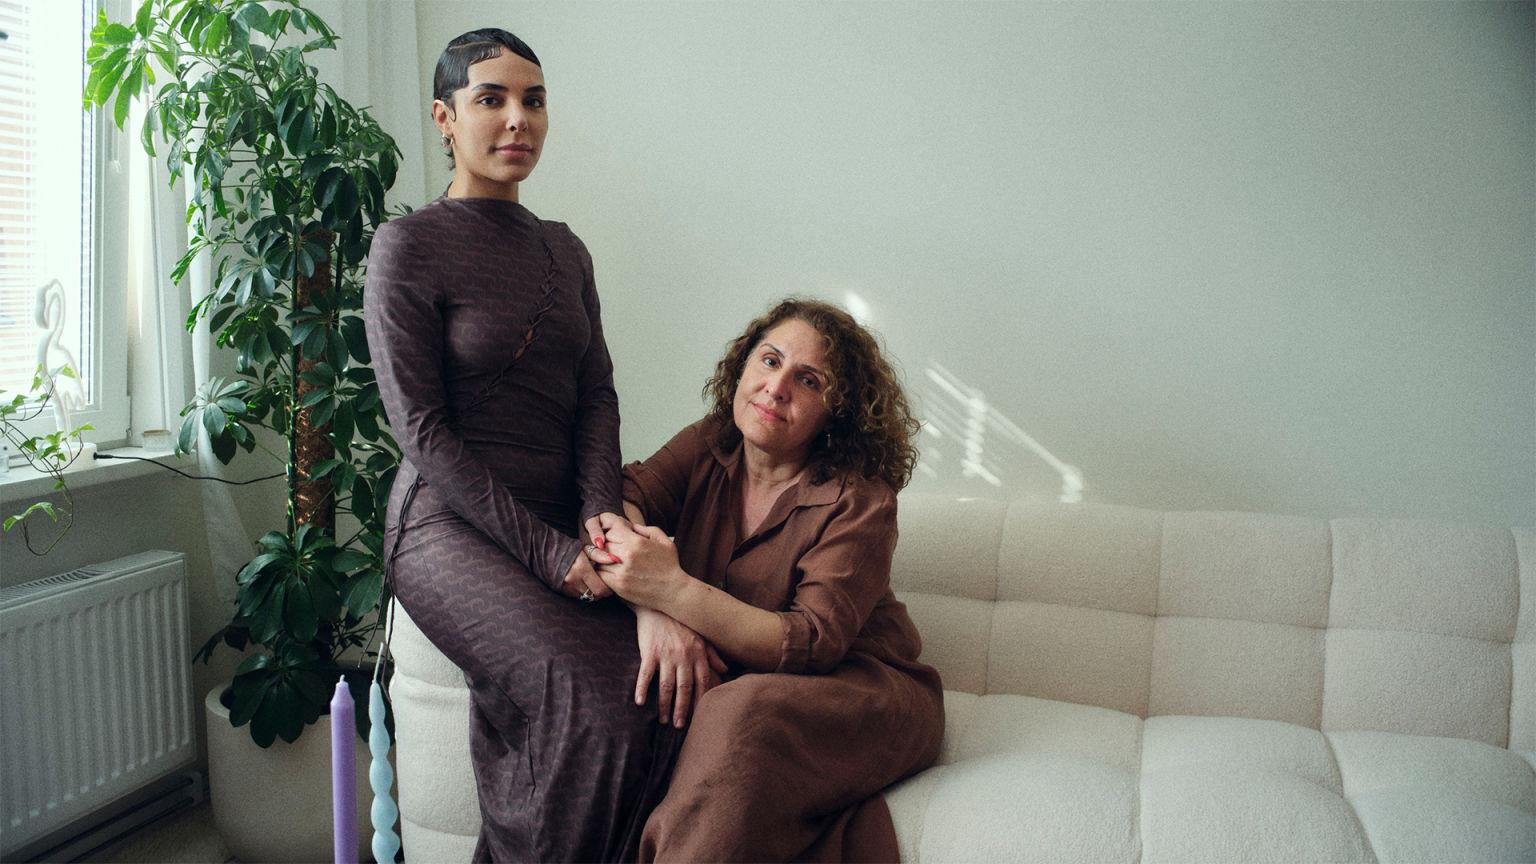 Två kvinnor, en mor och en dotter, sitter i en soffa.